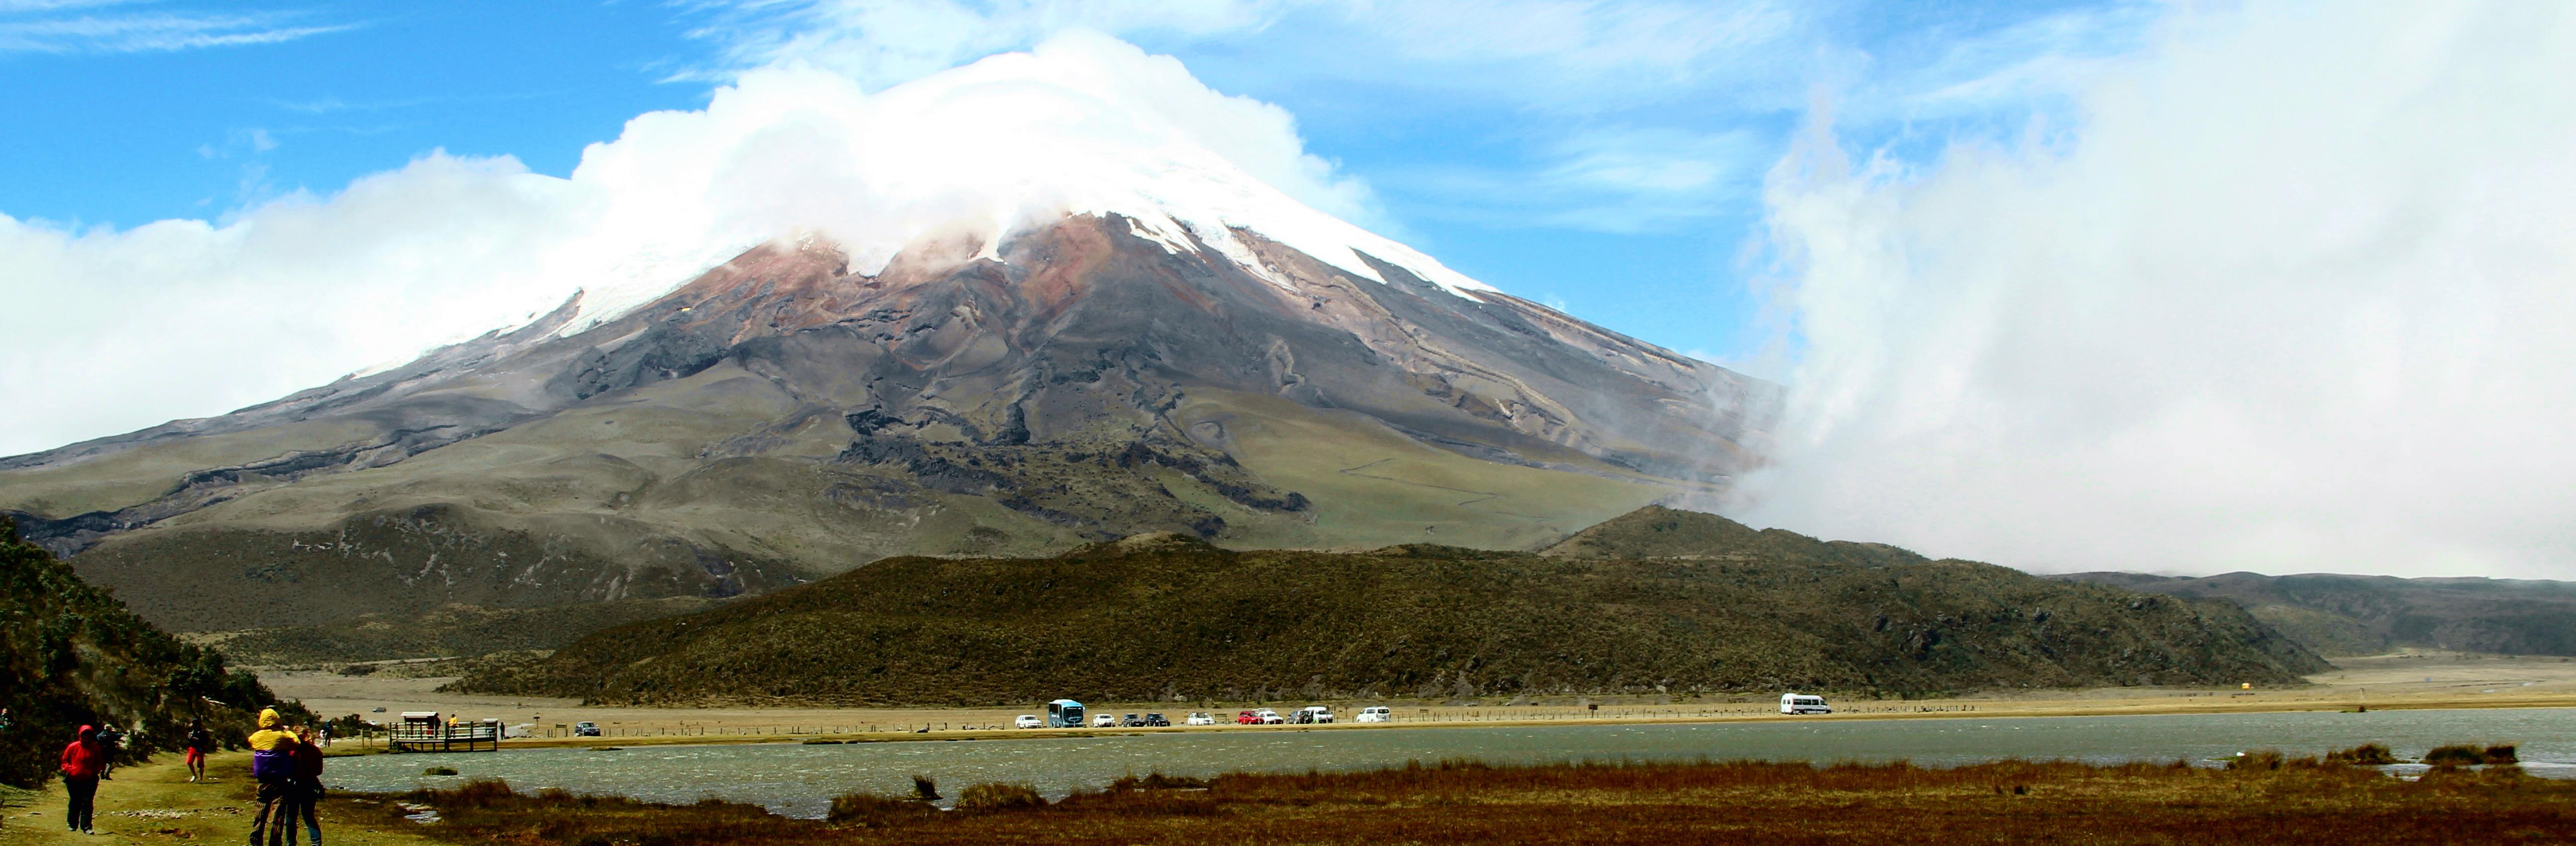 galapagos 2012 038a